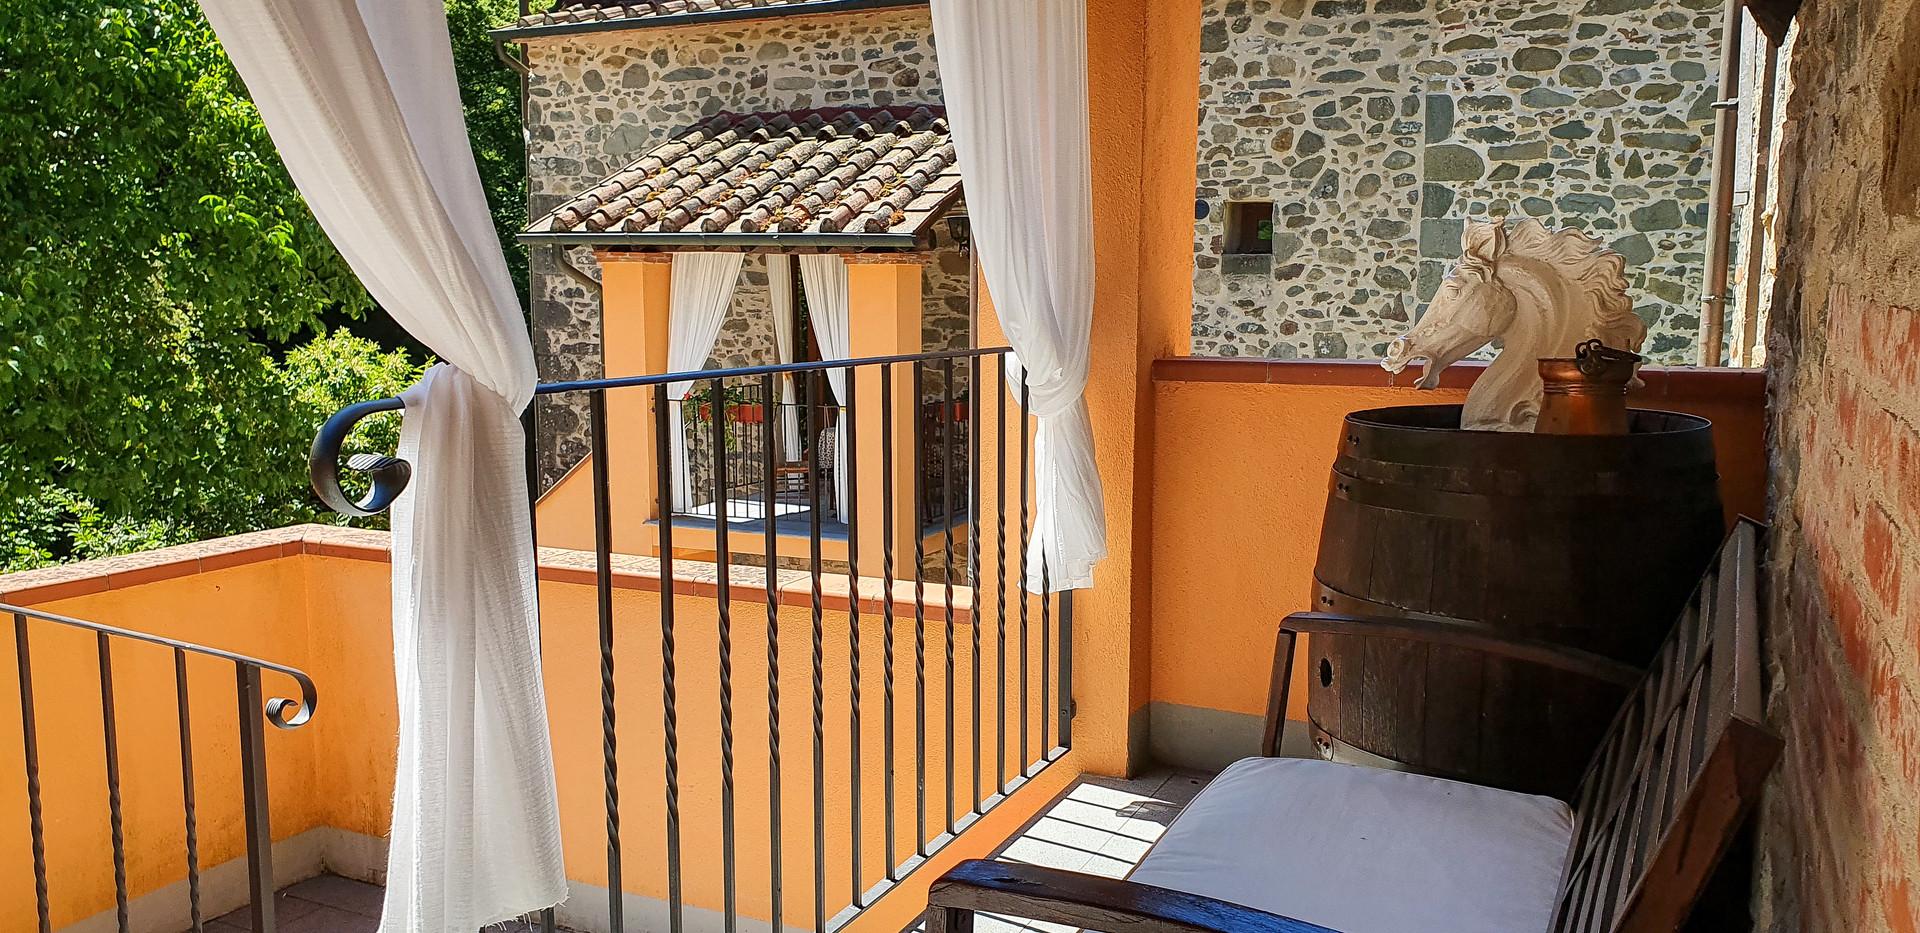 Tulipano - private entrance